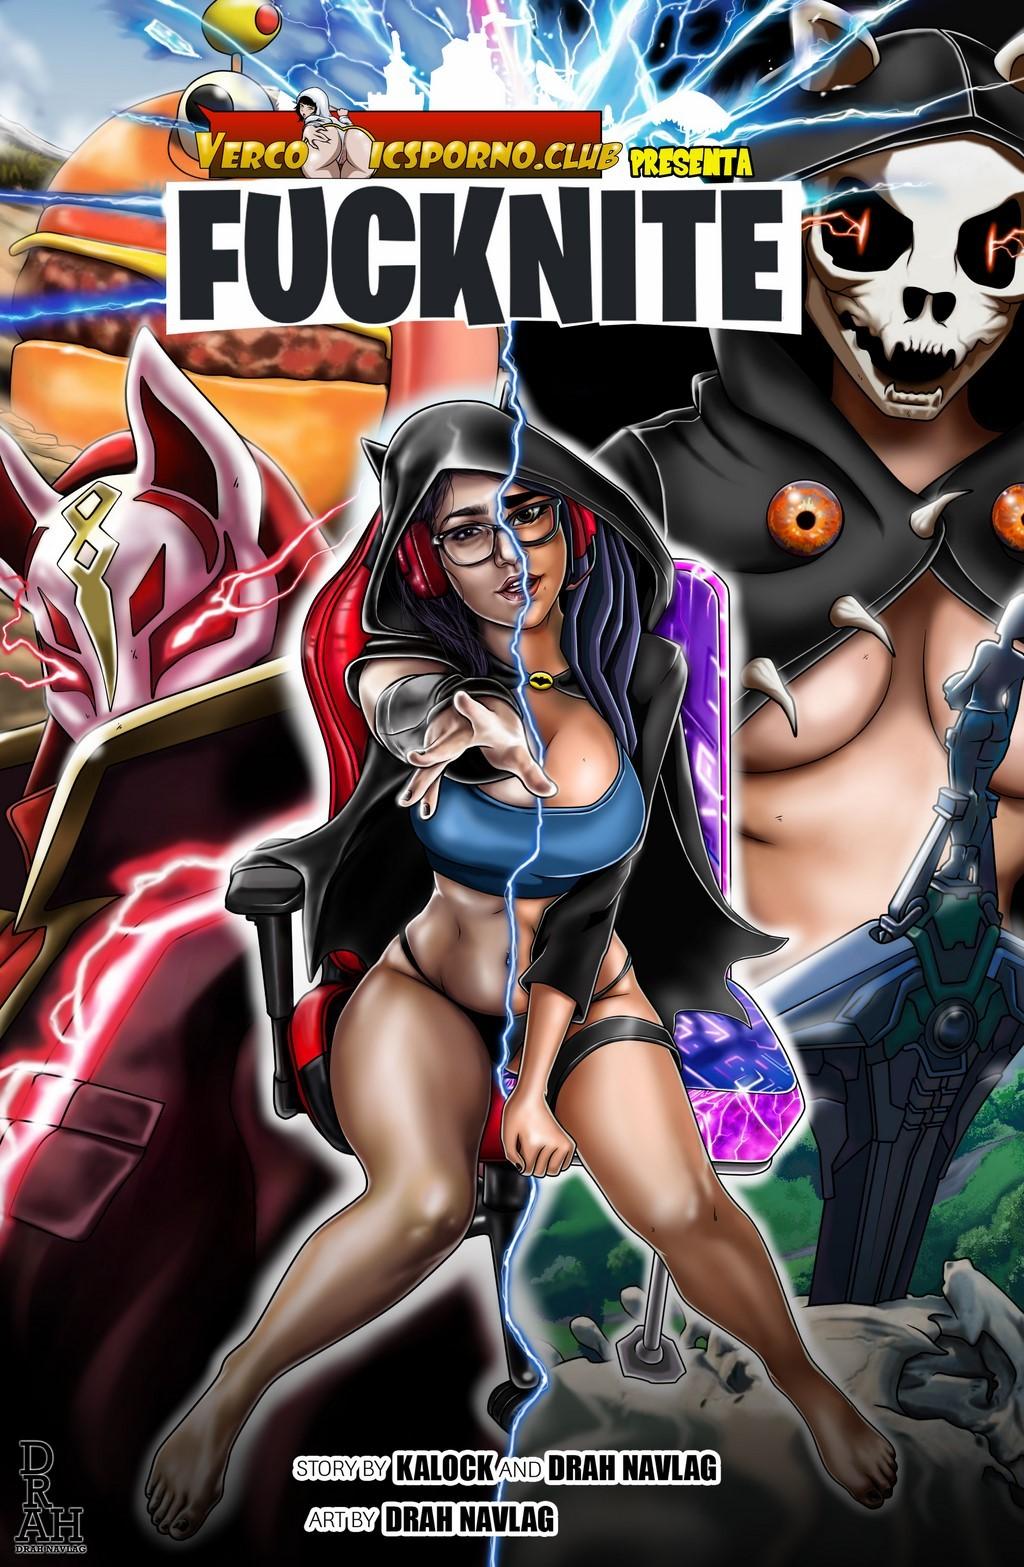 Orgia Fornite el juego continua